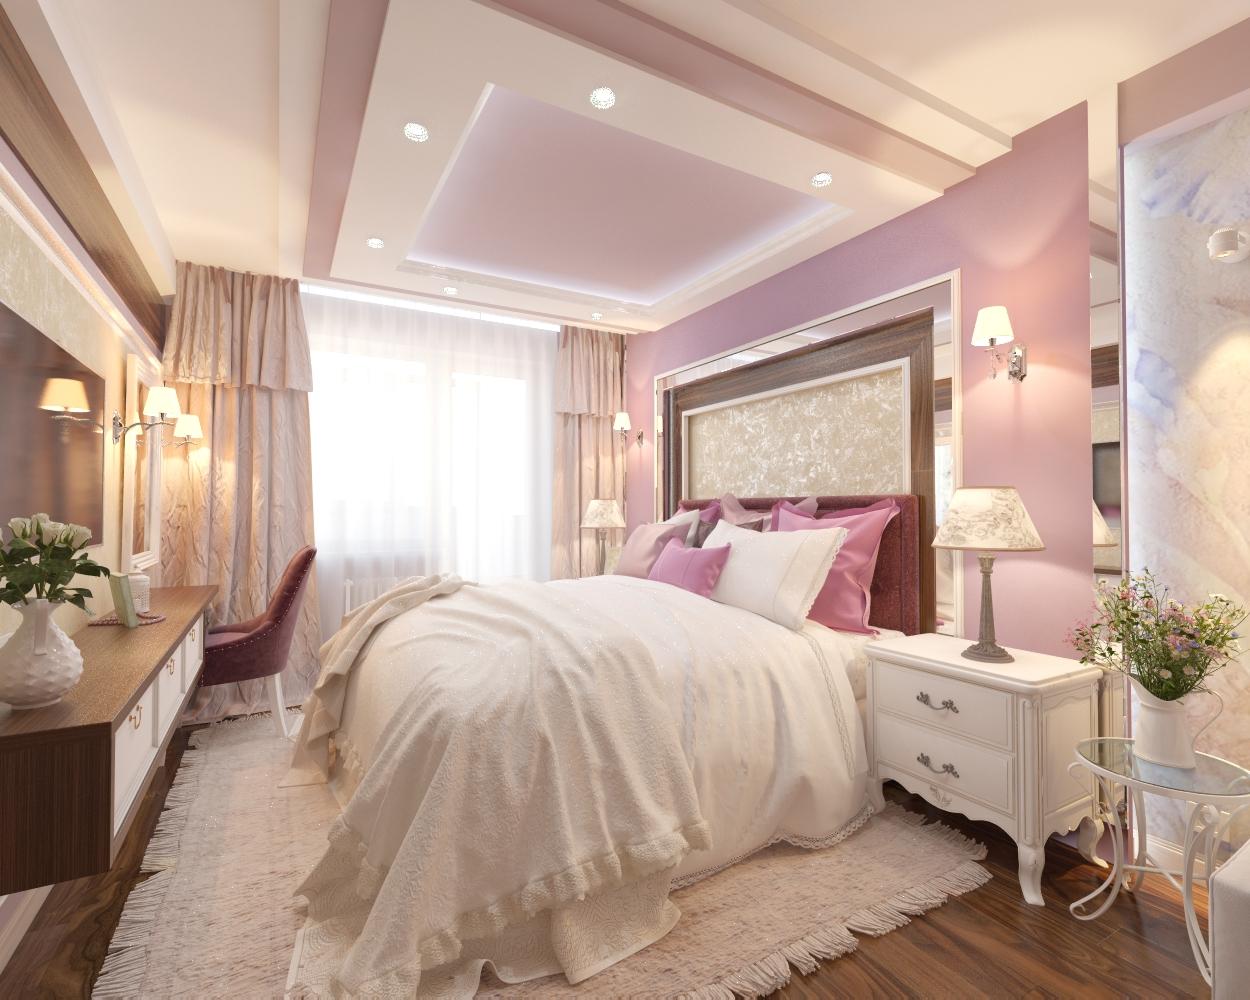 Дизайн проект спальни 18 кв.м. в сиреневом цвете для девушки